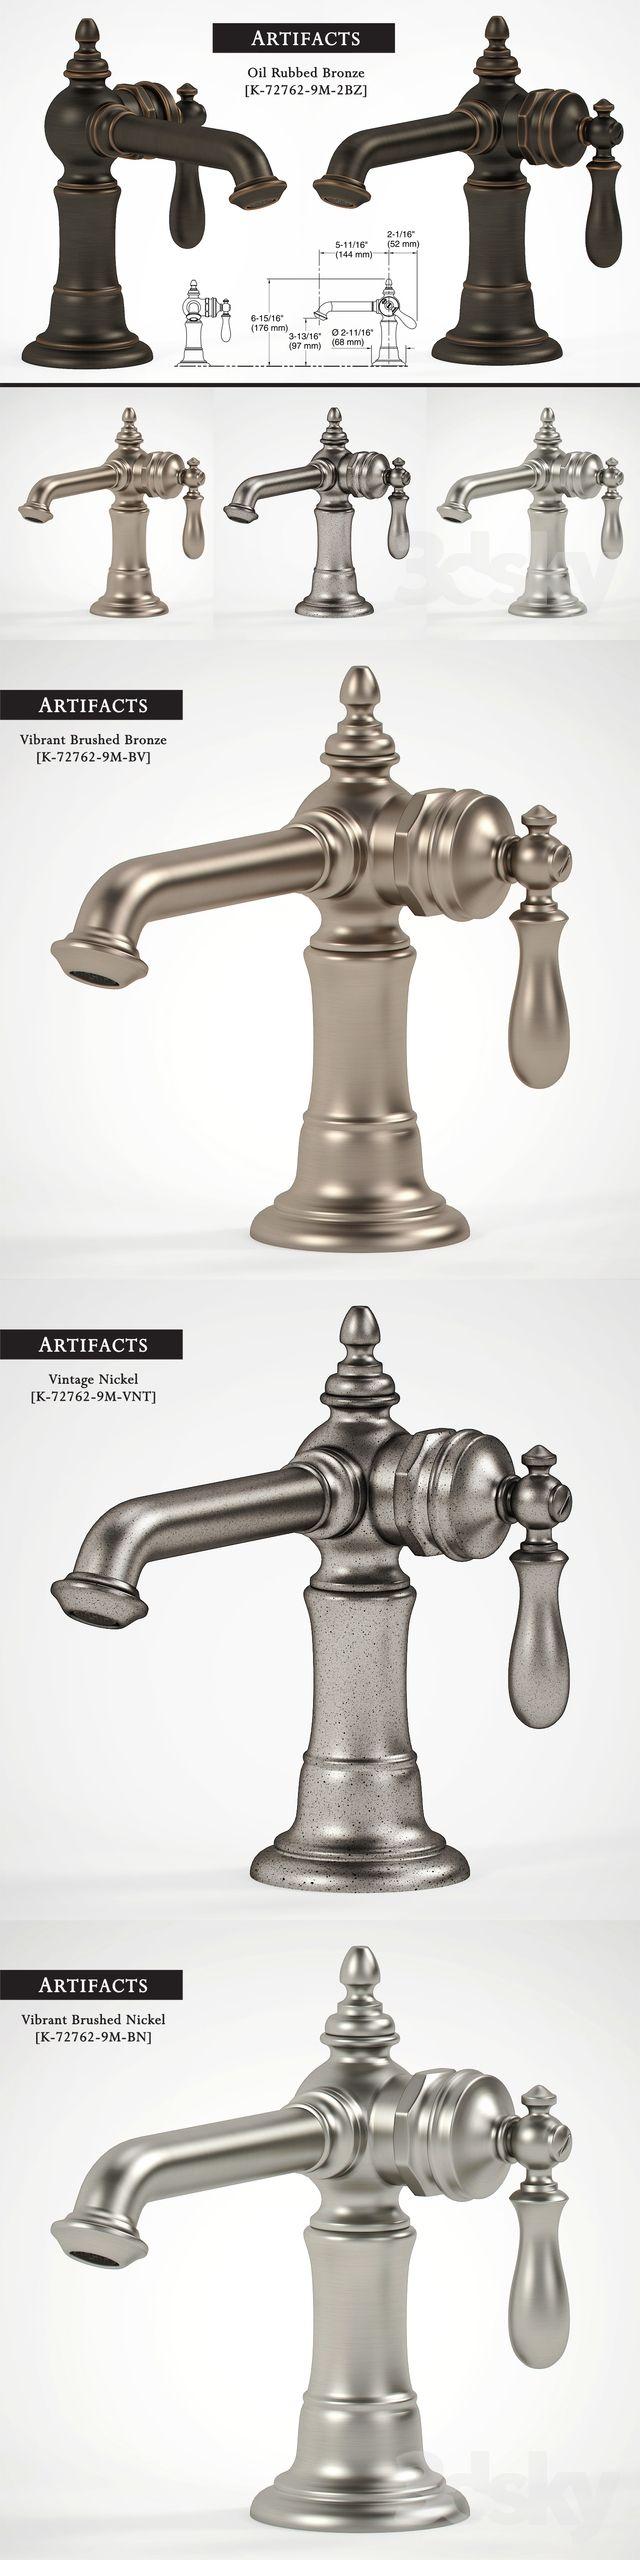 Kohler Artifacts Bathroom Sink Faucets 2 3dsky Kohler Artifacts